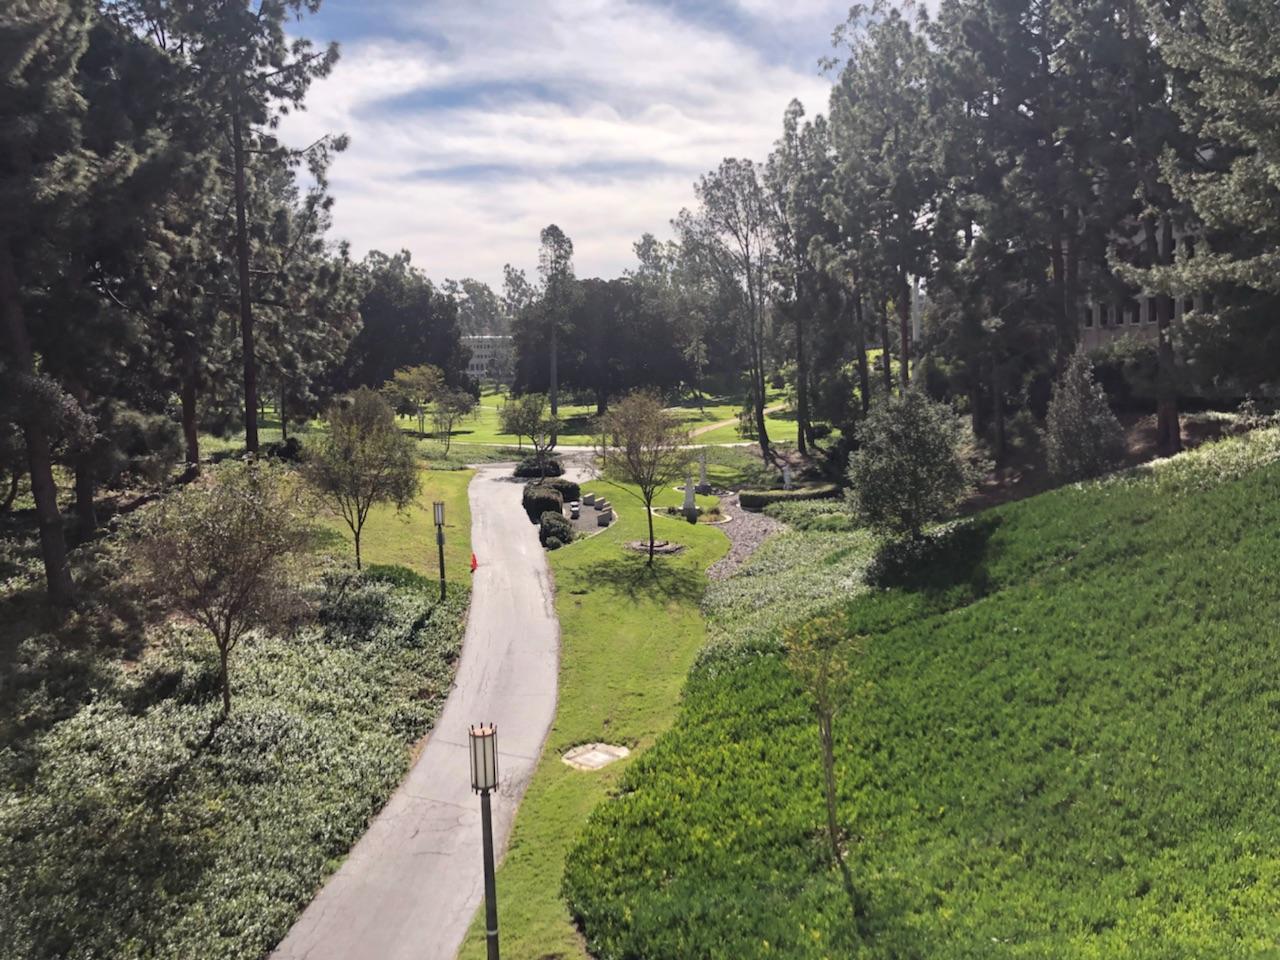 A path inbetween trees